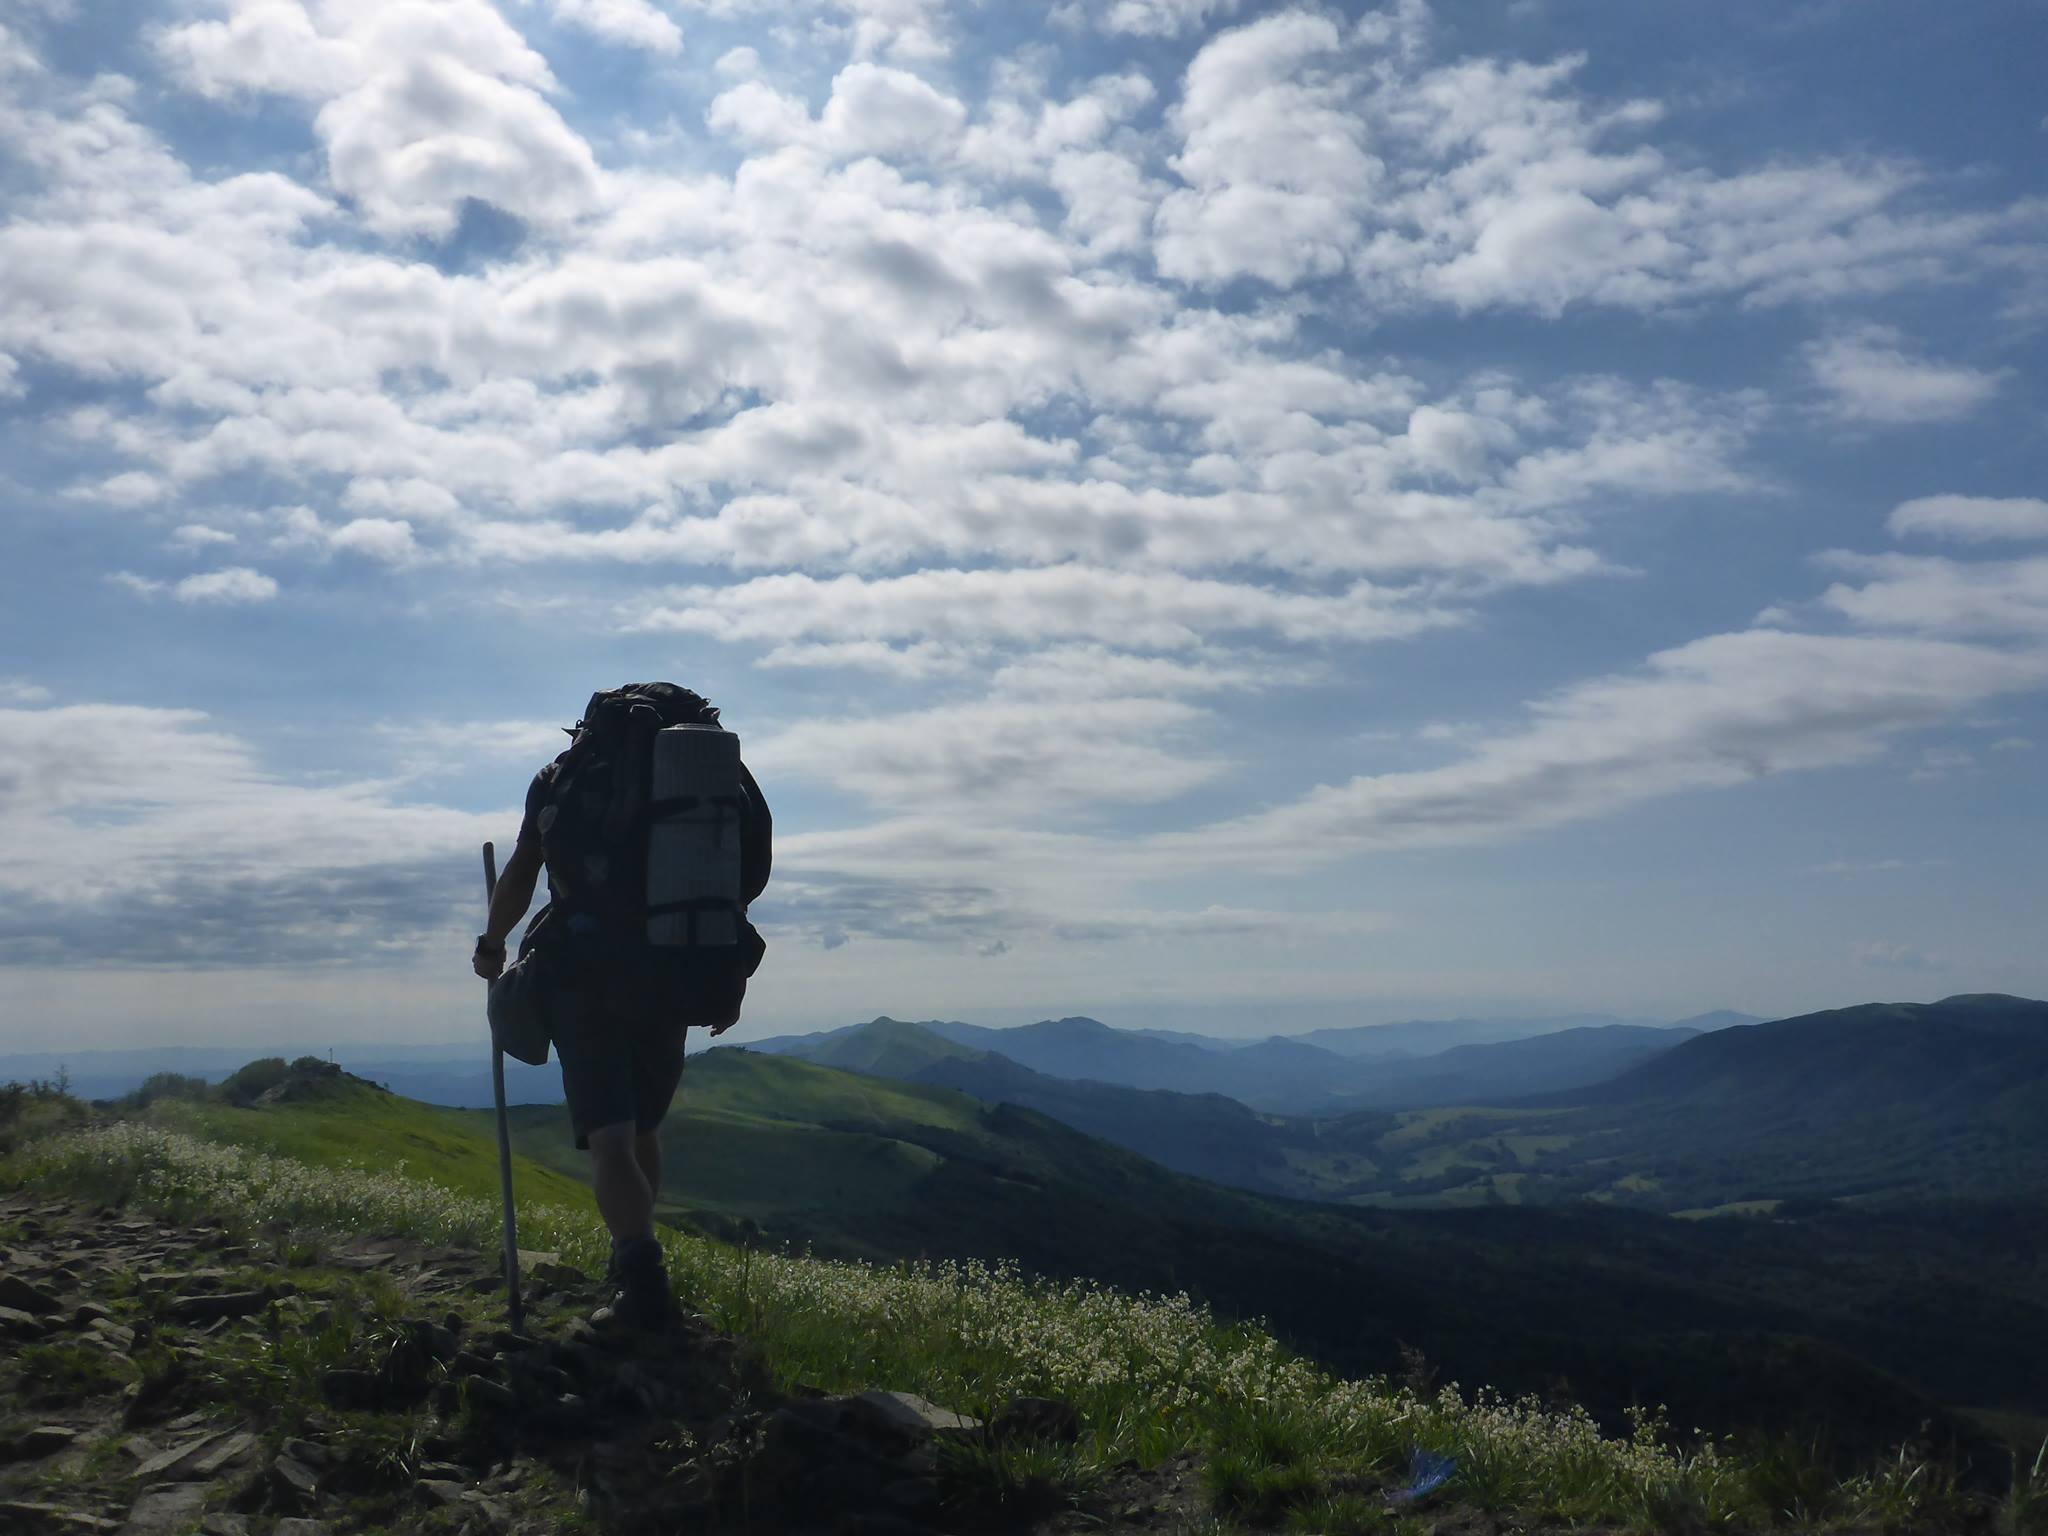 Je pas tôt afin d'avoir la montagne pour moi tout seul